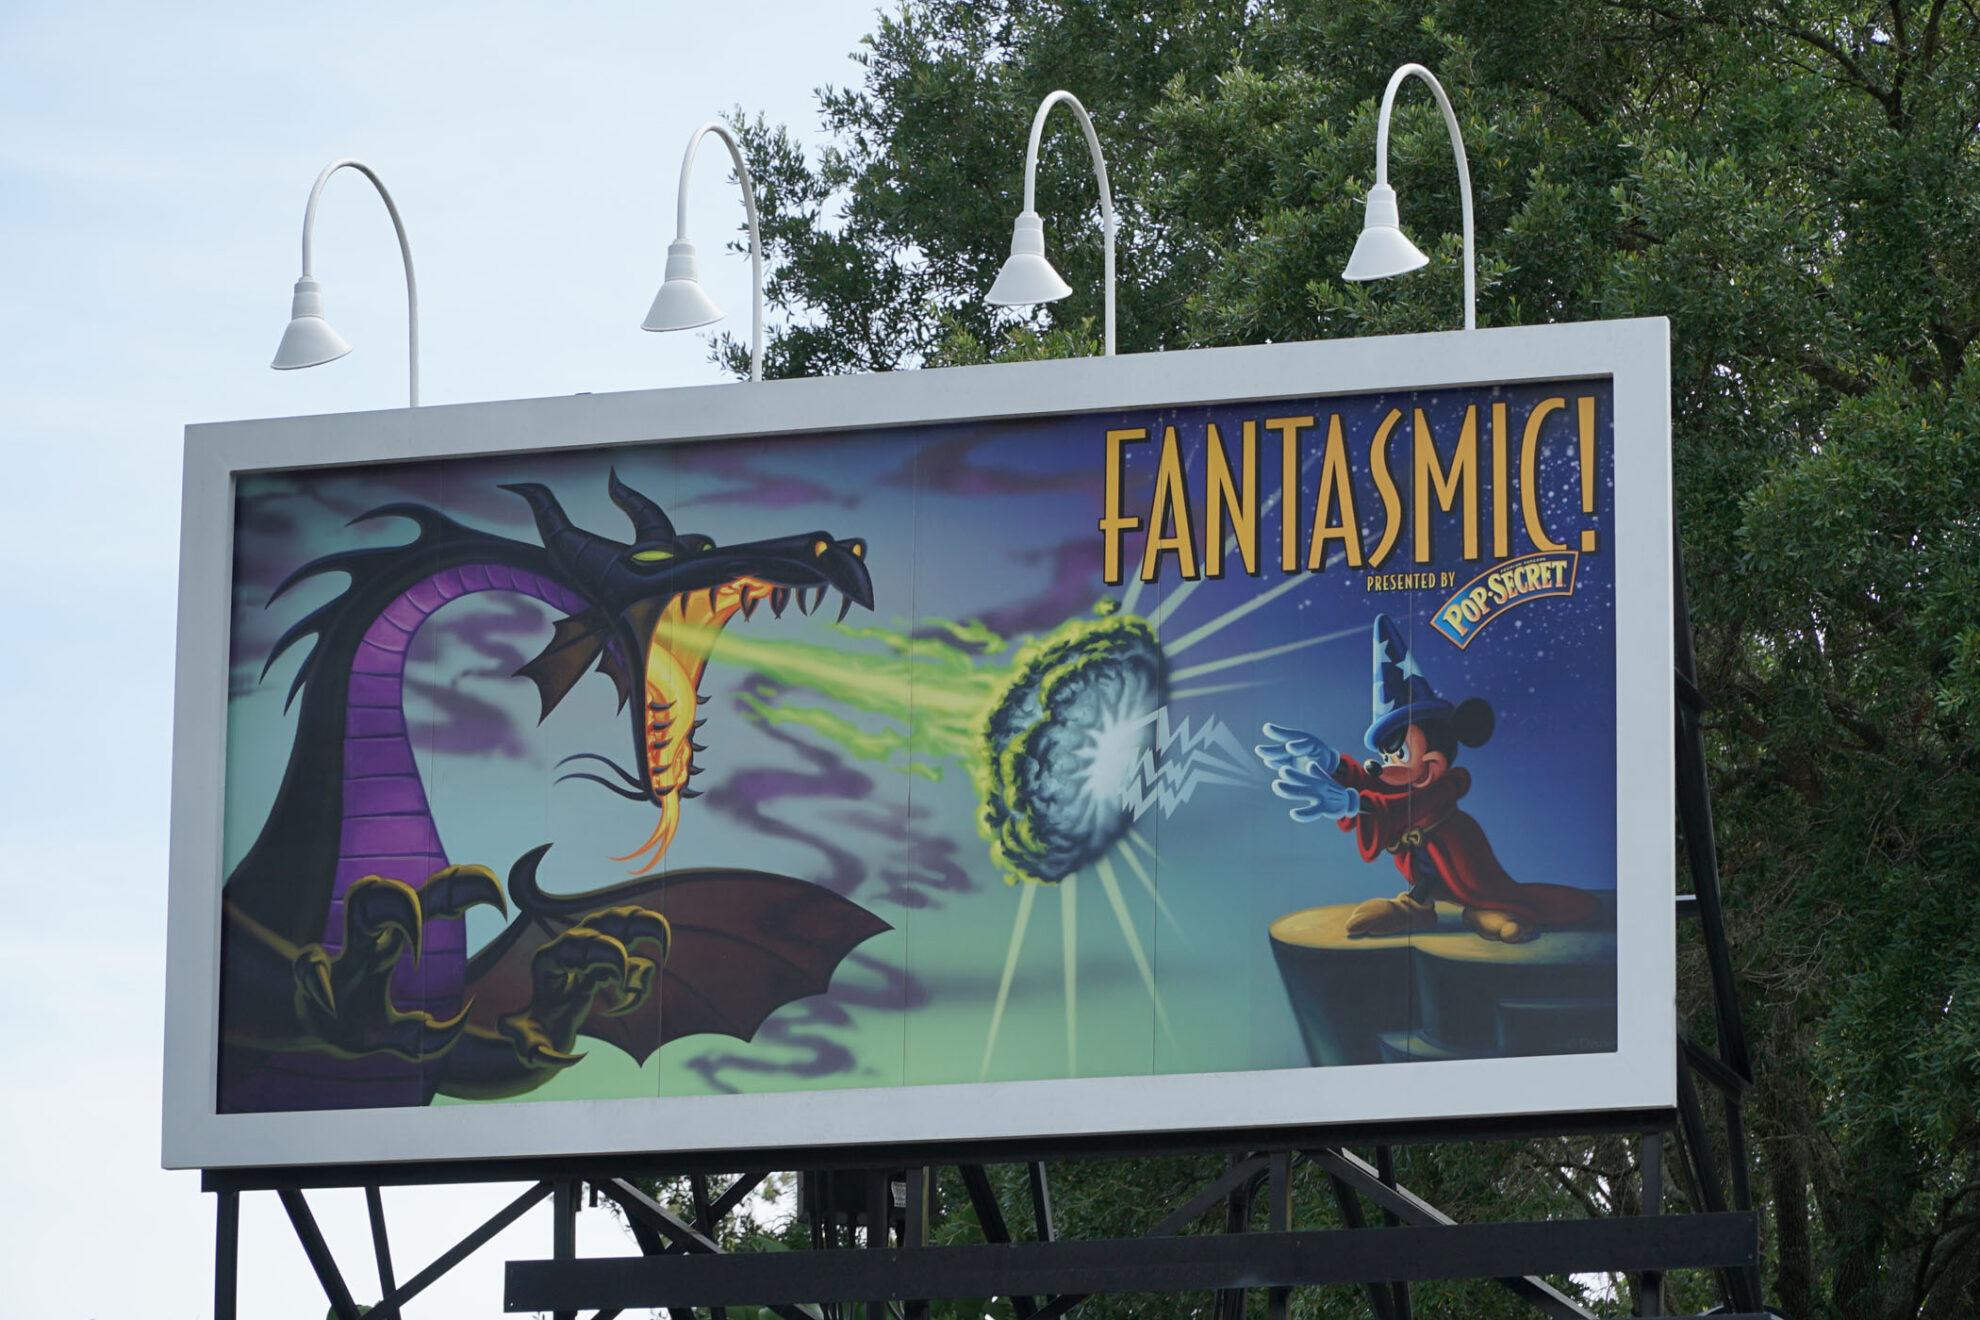 The entrance sign for Fantasmic!